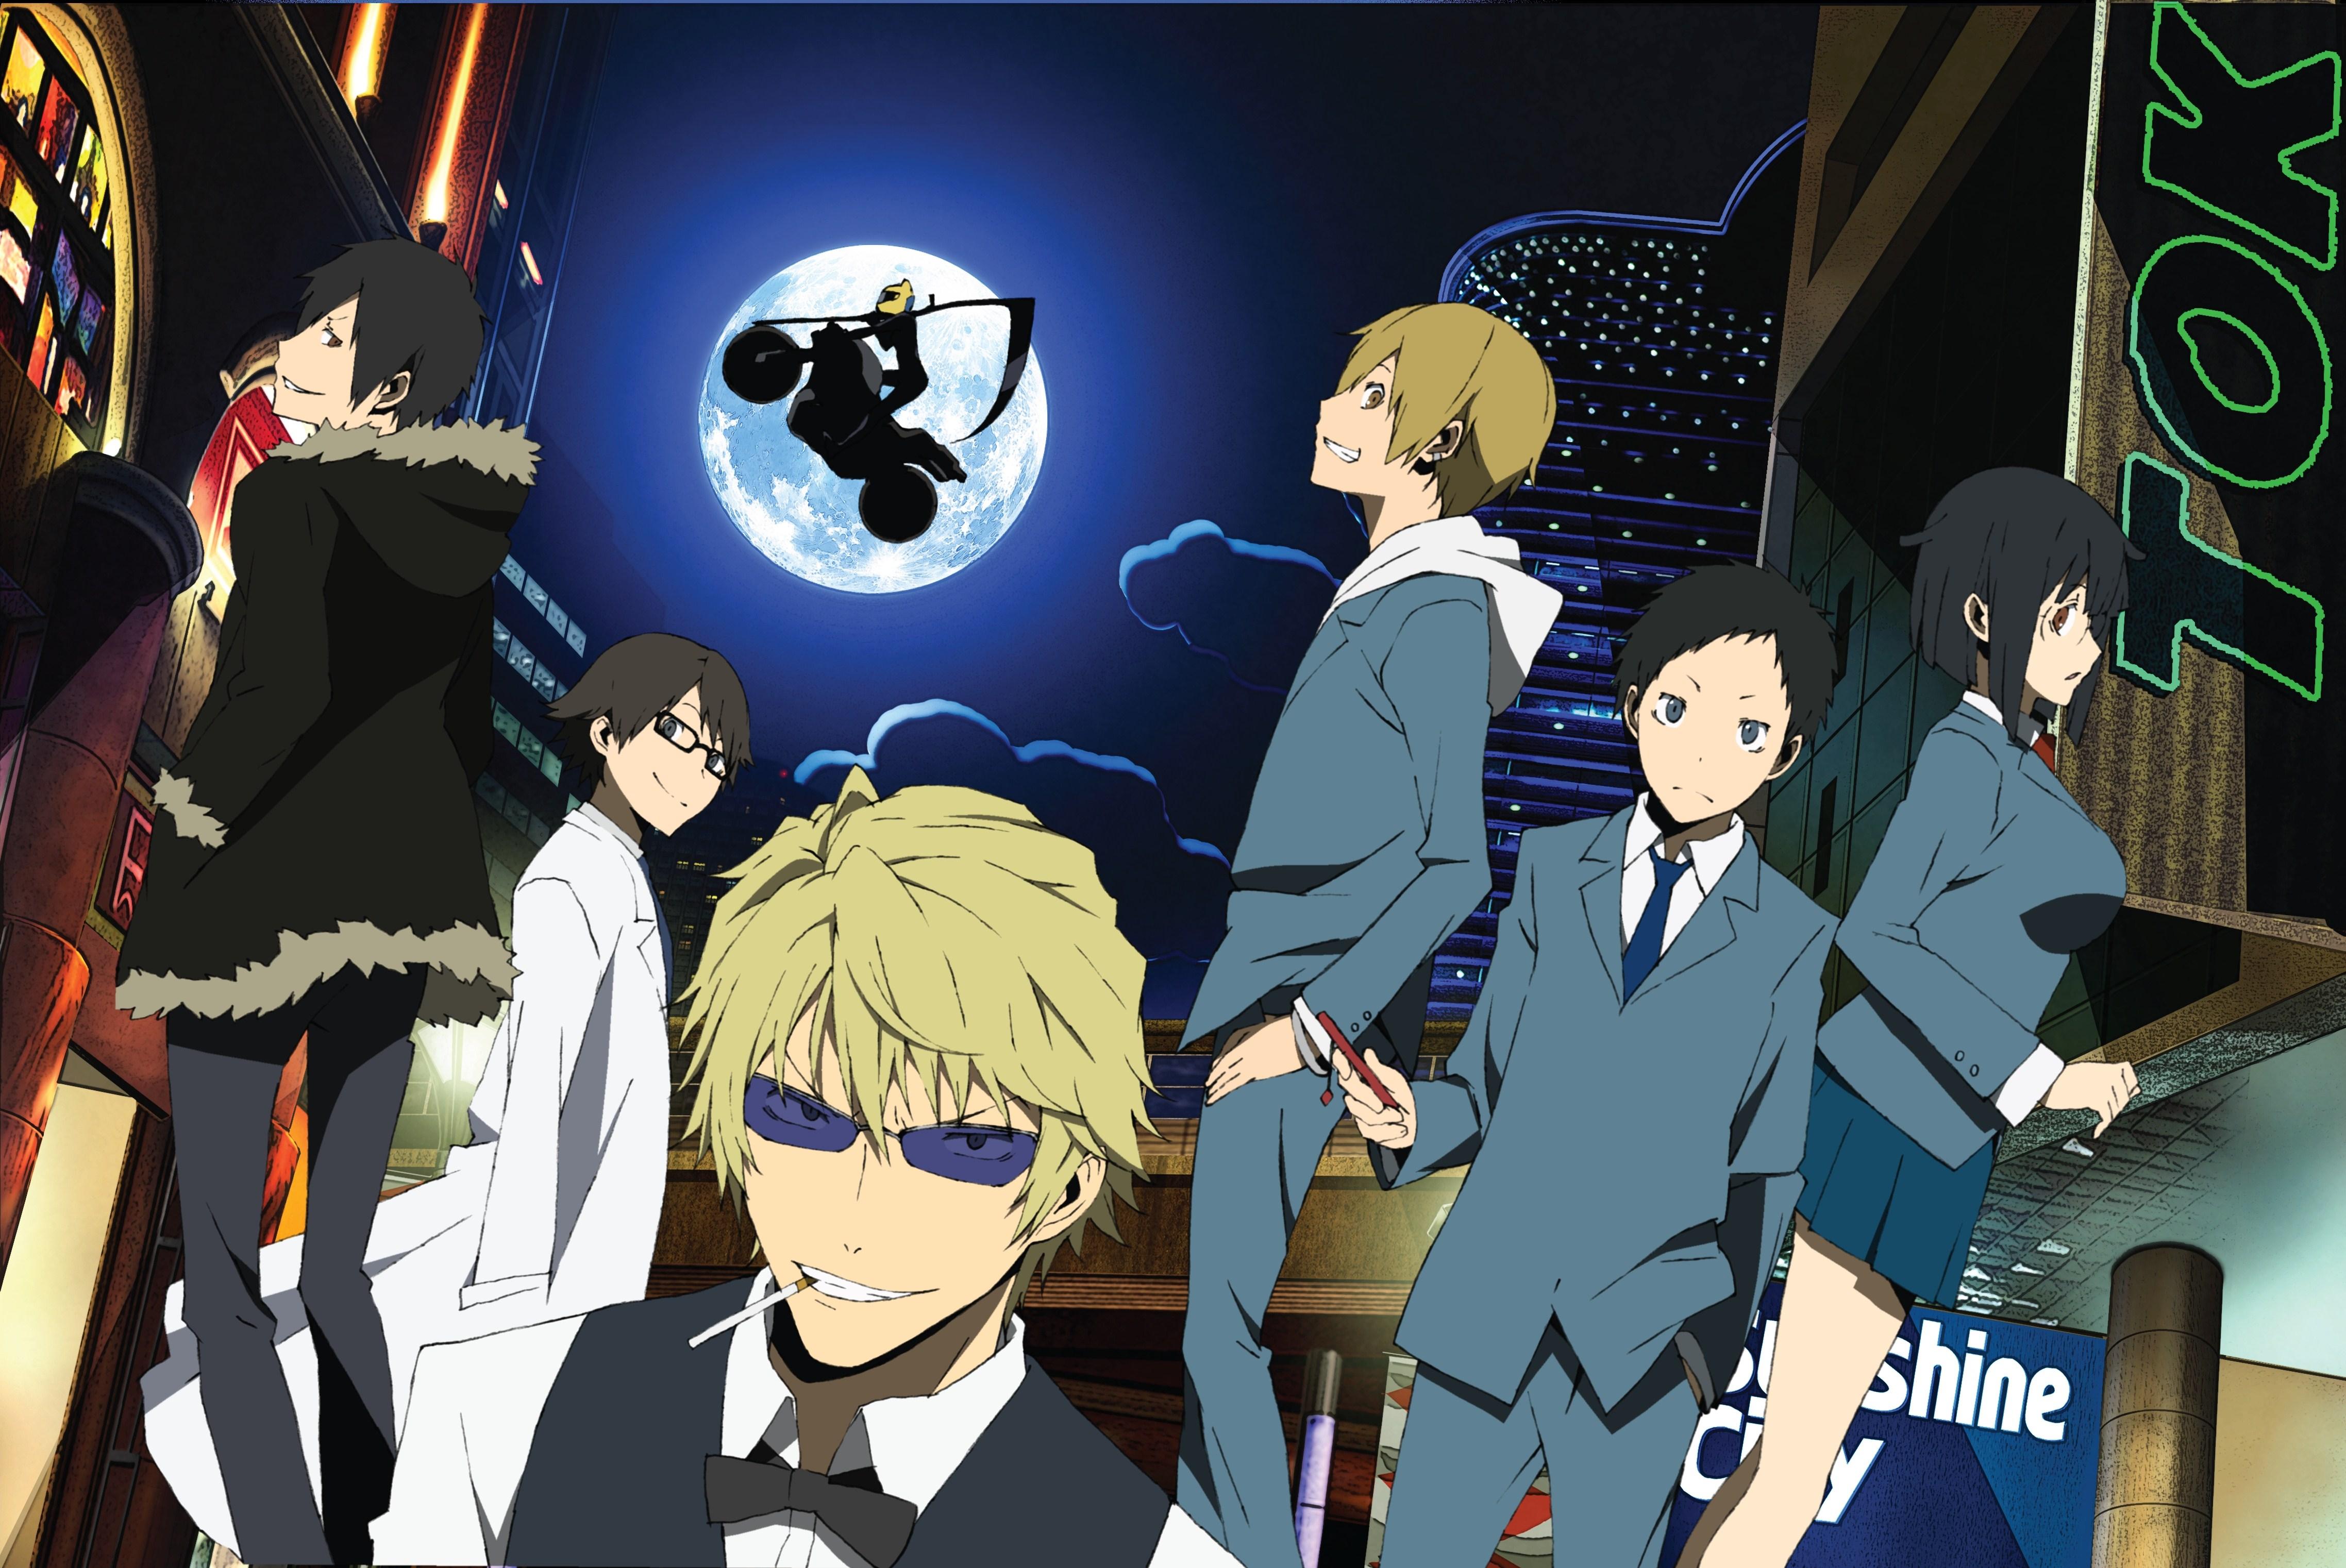 Kết quả hình ảnh cho Durarara!! anime